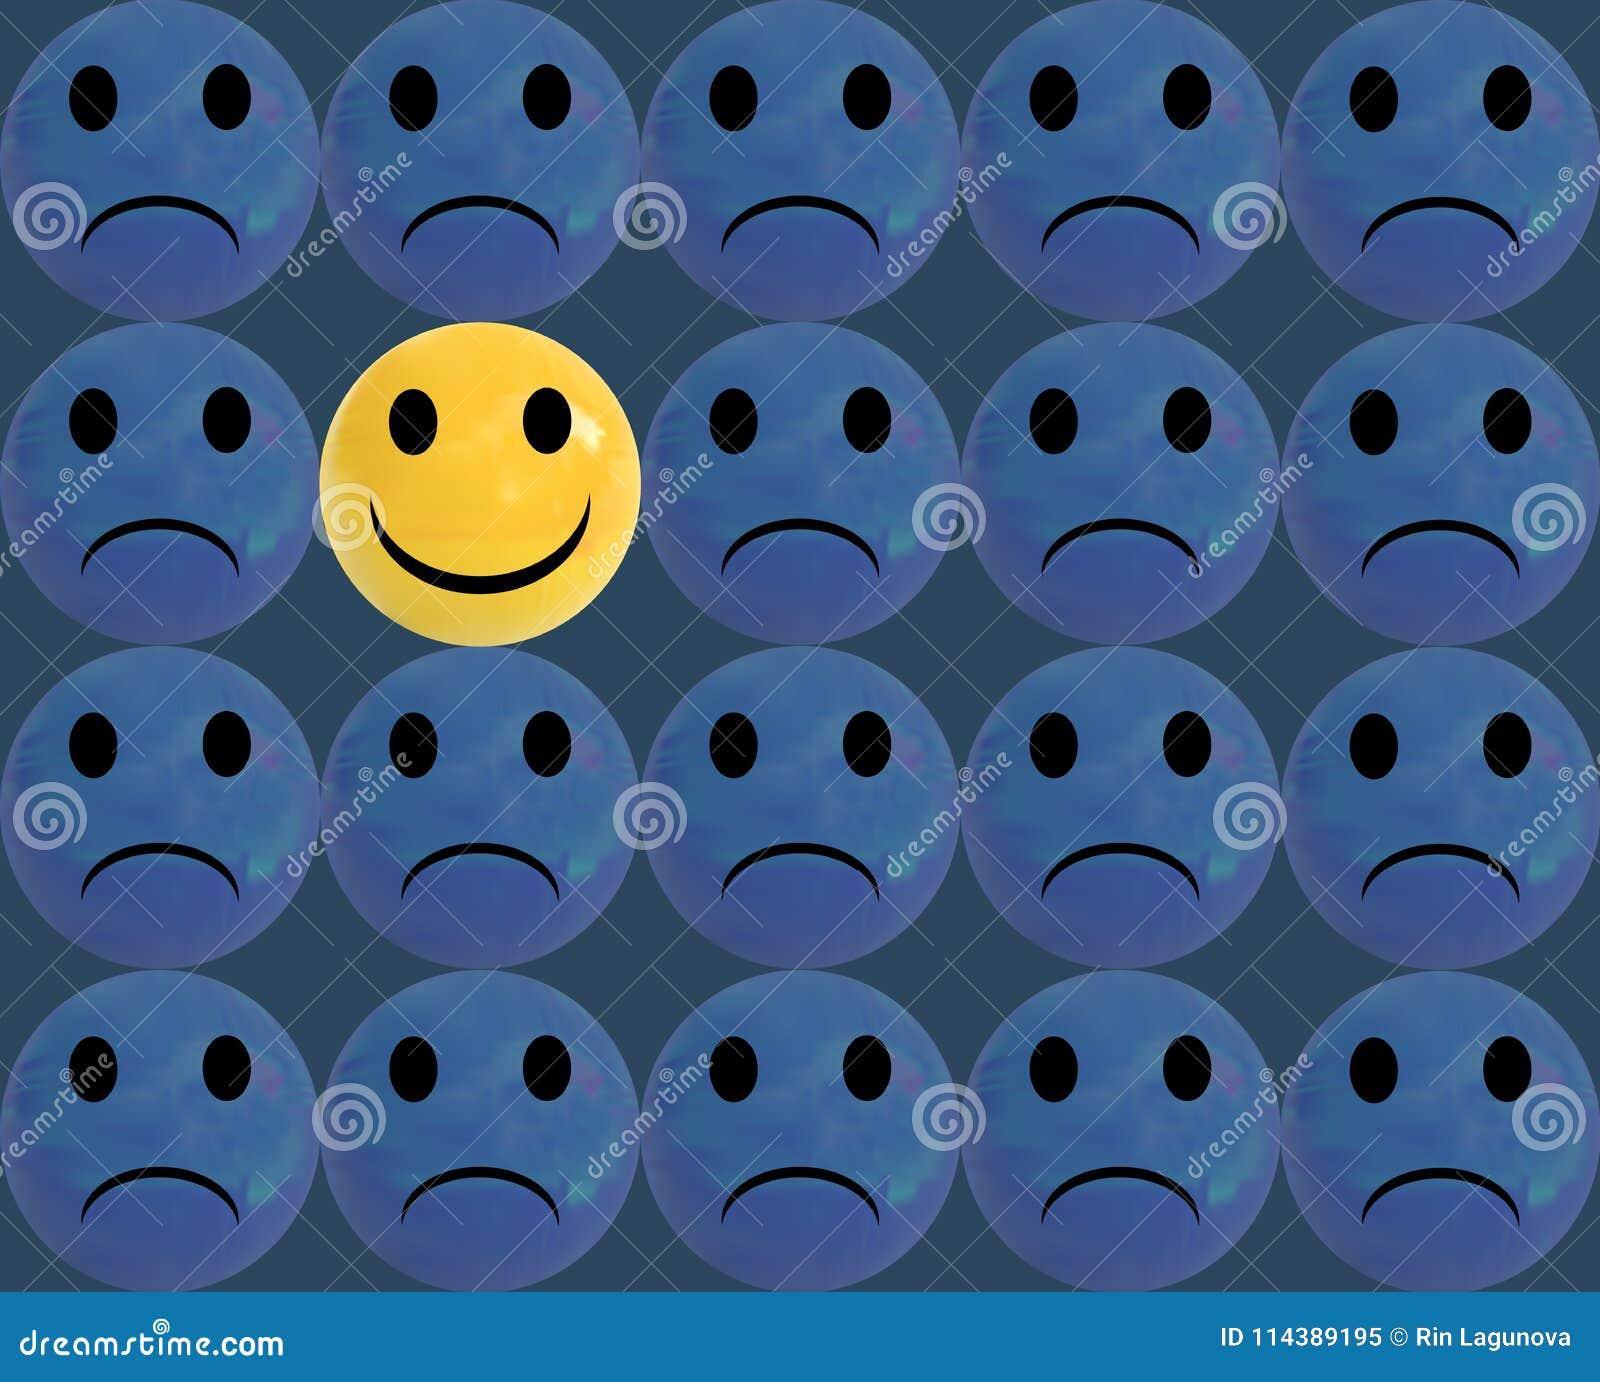 Soyez différent, illustration de VECTEUR, Smiley Faces Glossy Balls Background